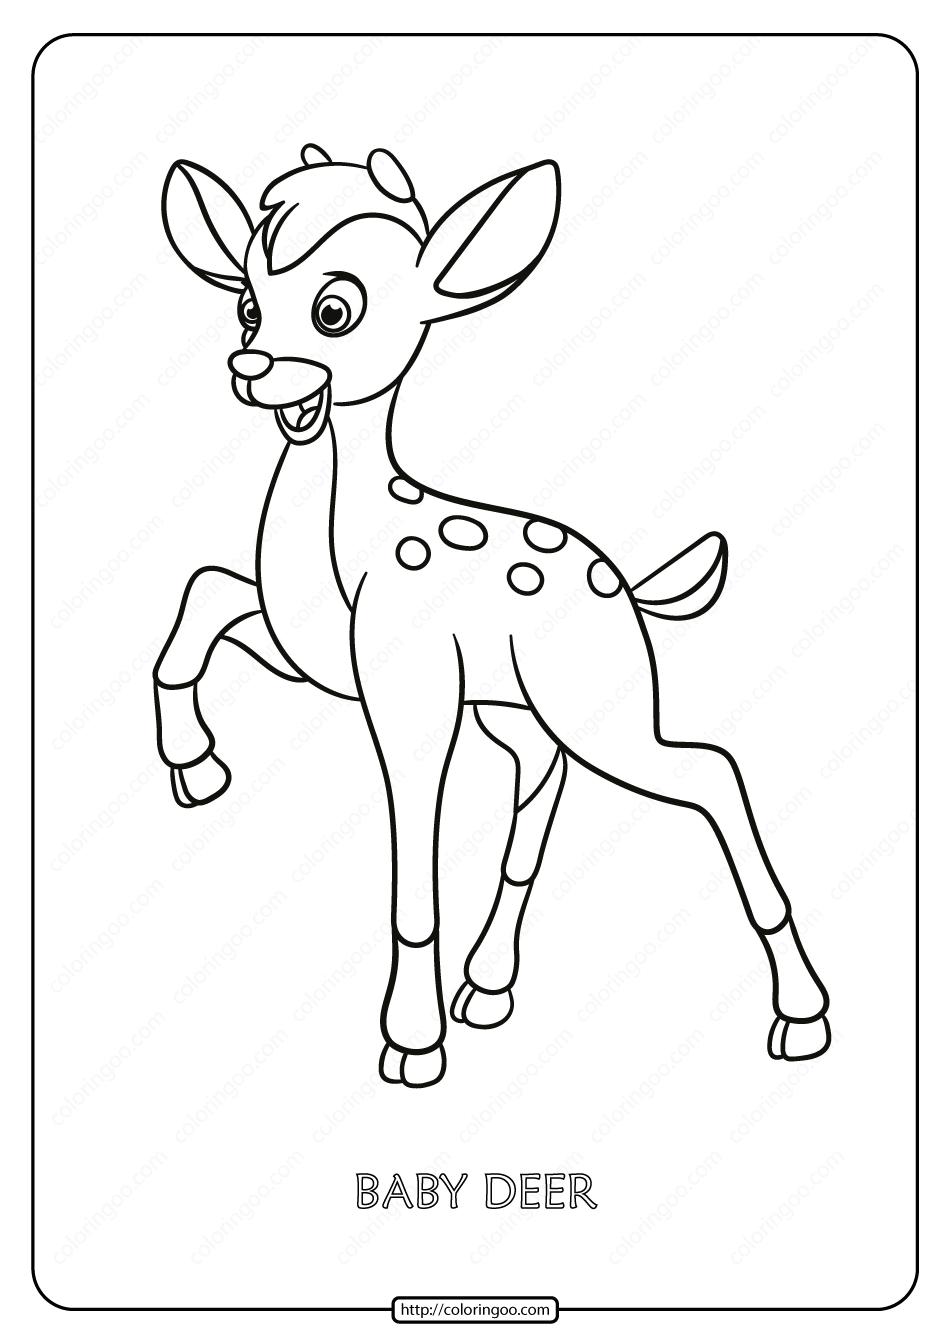 Printable Baby Deer Pdf Coloring Page Deer Coloring Pages Coloring Pages Animal Outline